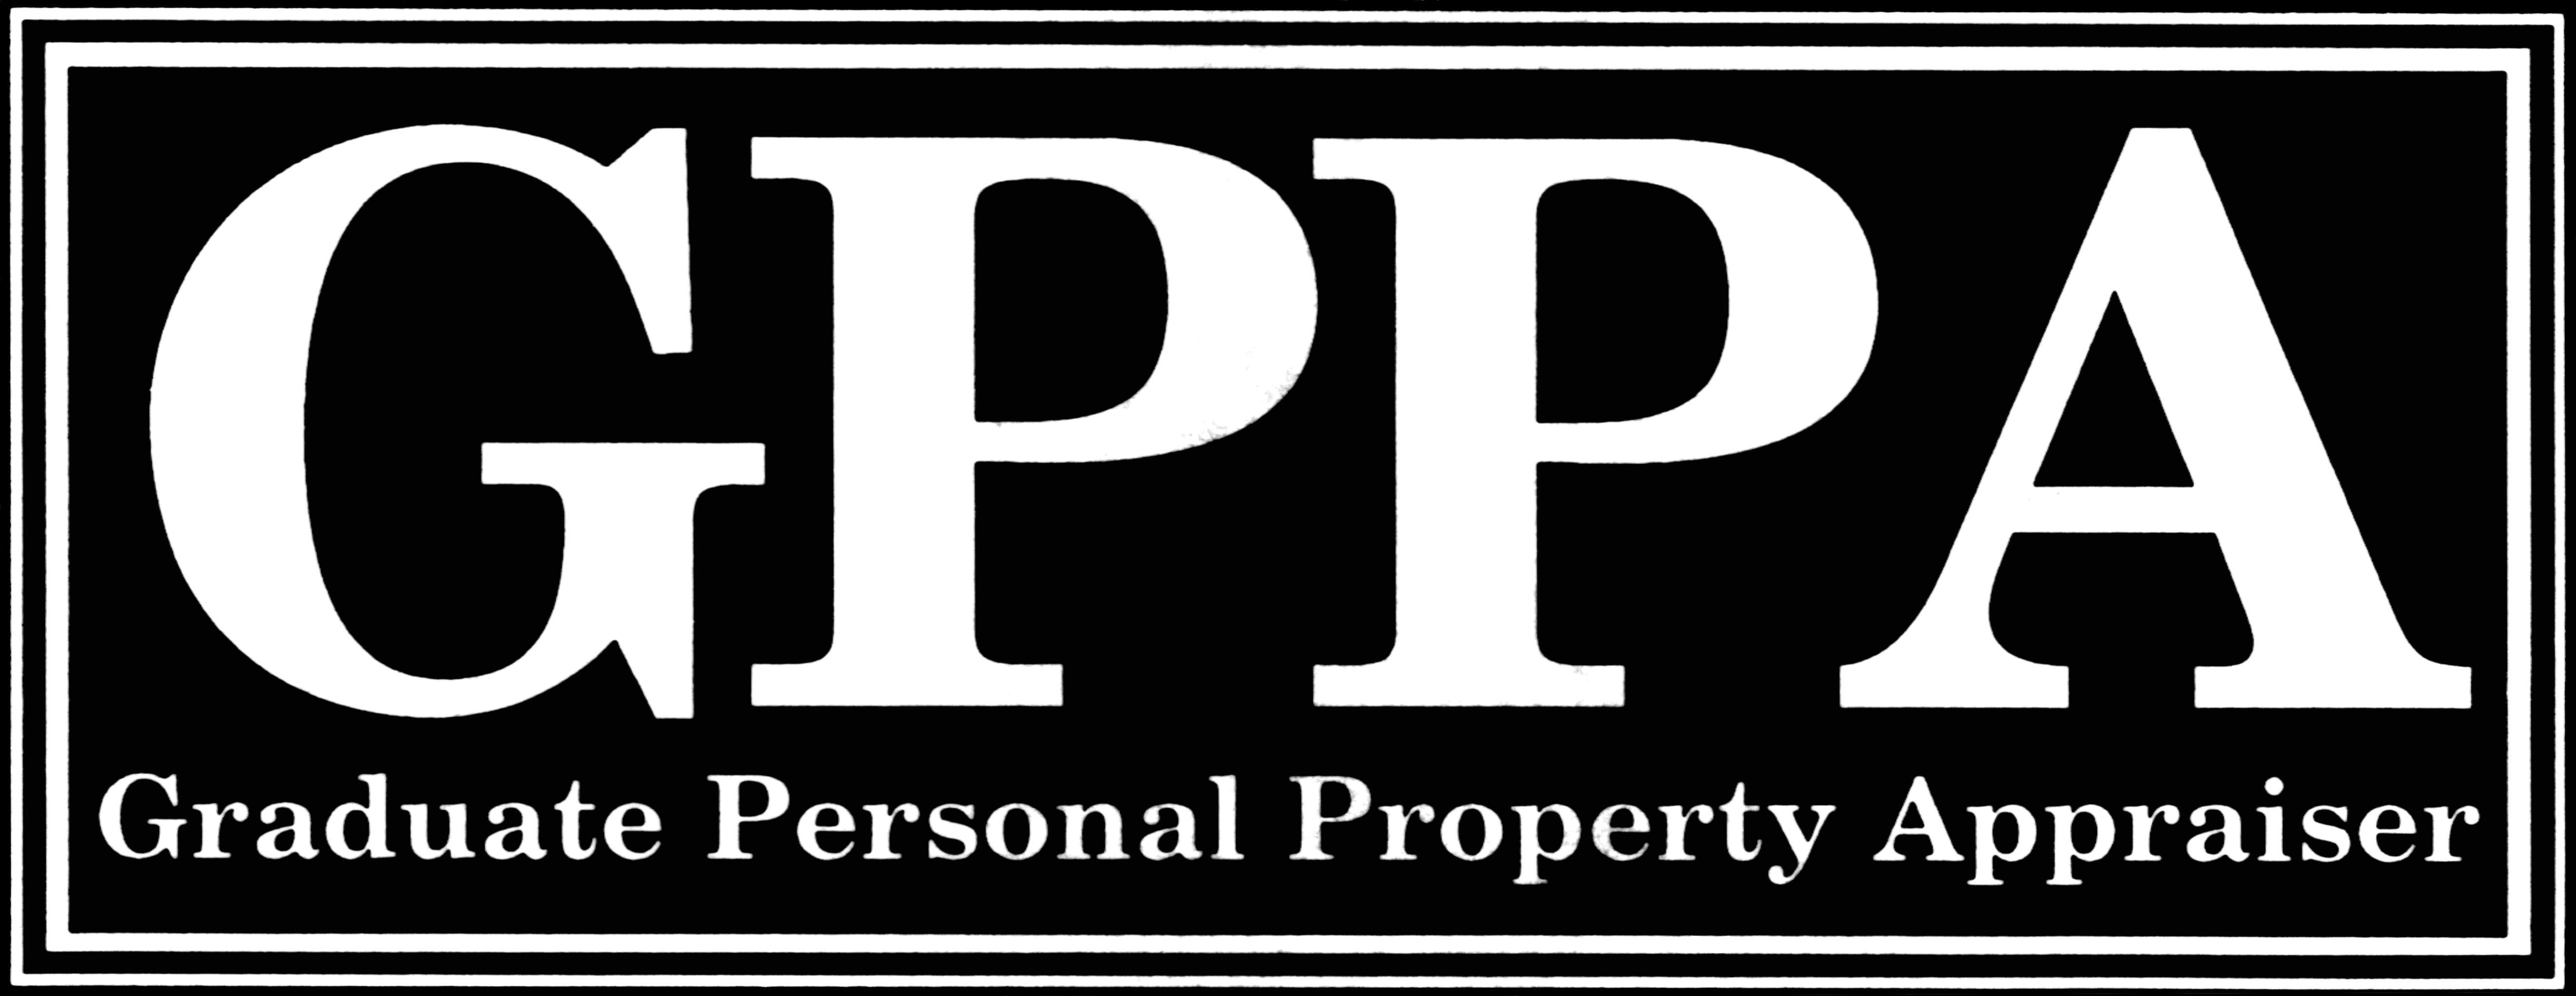 BKR Appraiser Site St Louis Mo, Graduate Personal Property Appraiser